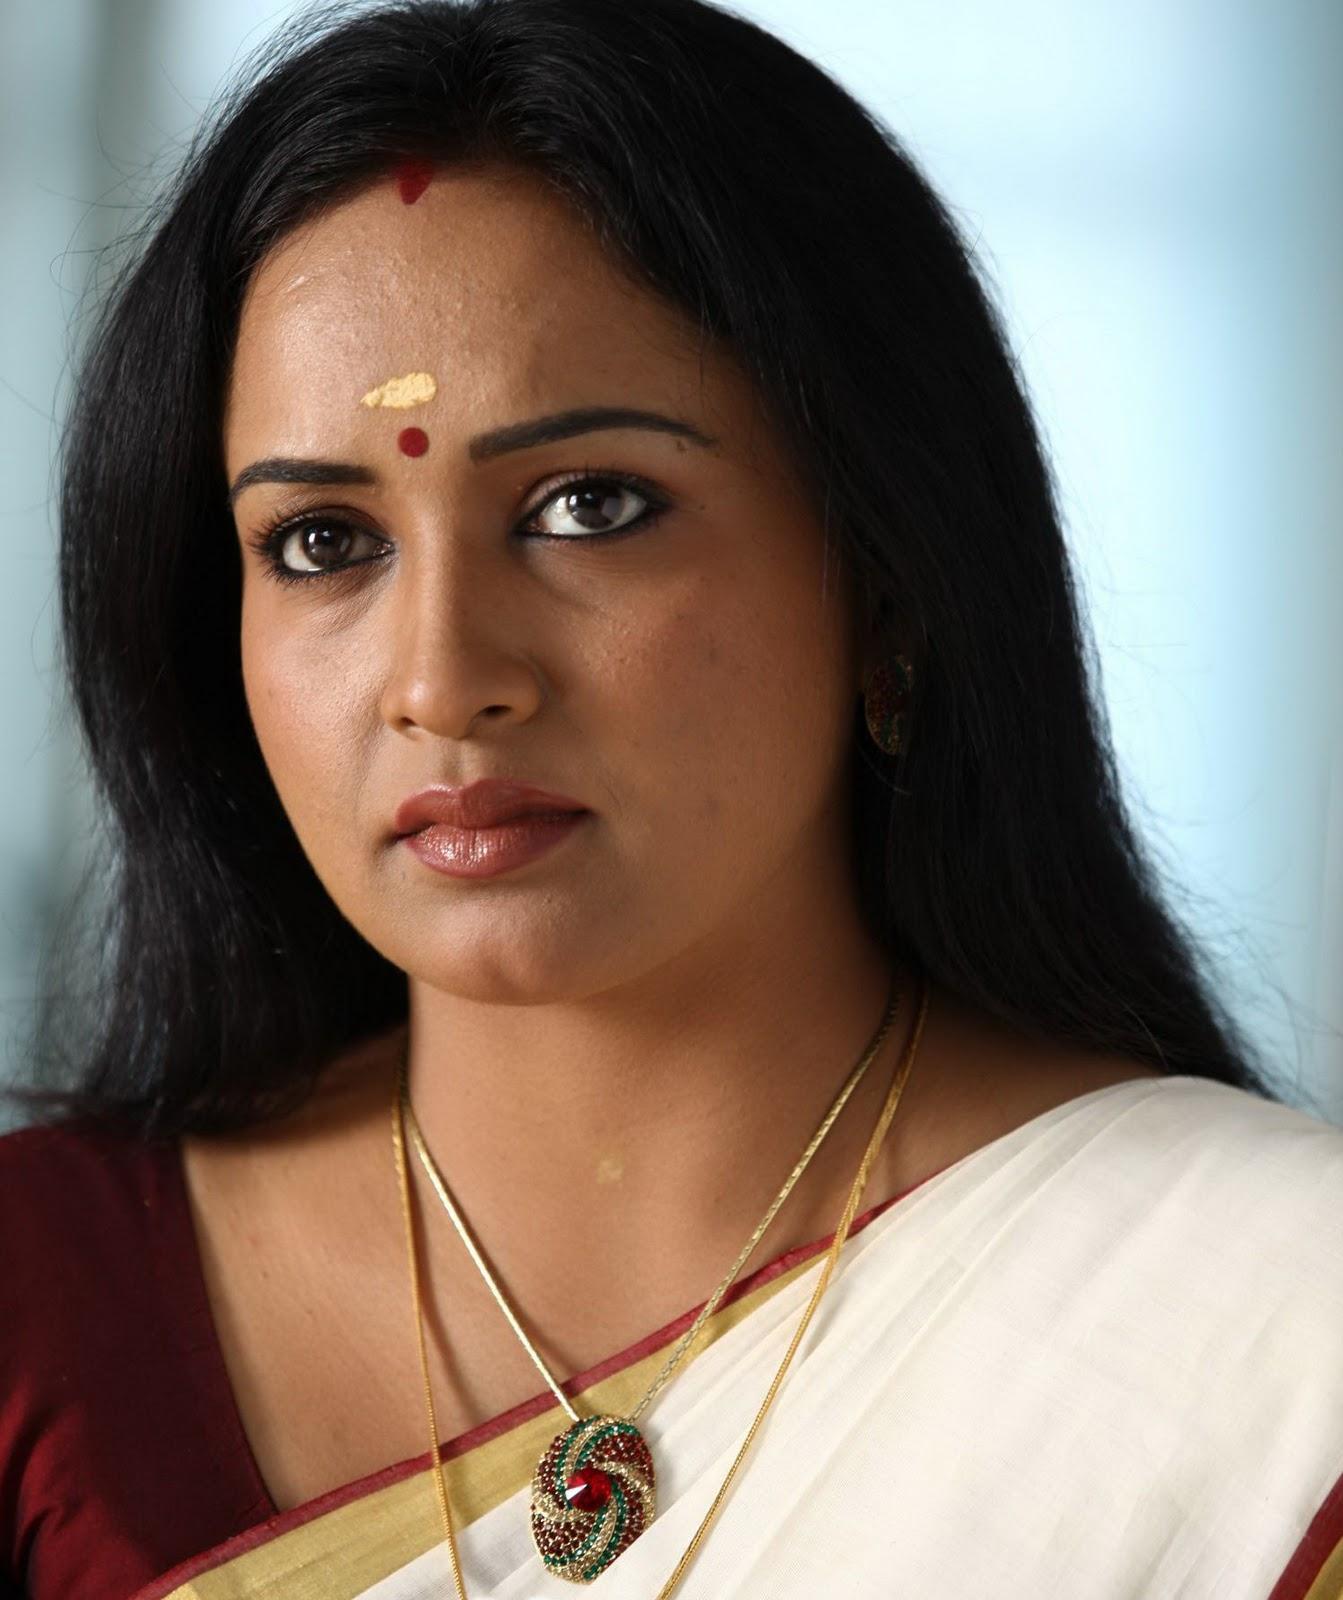 Mallu actress naked photos hd